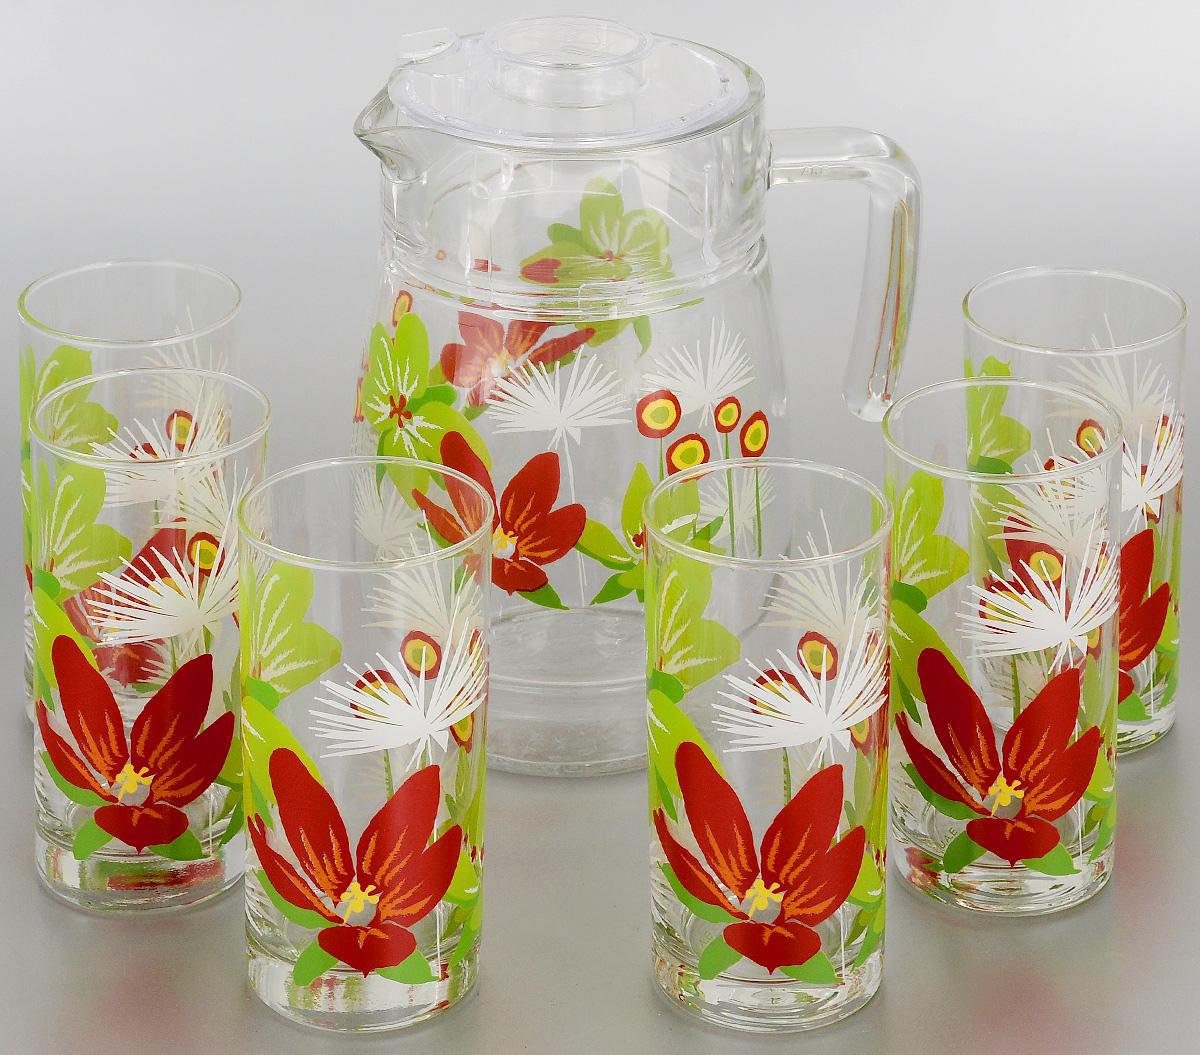 Набор питьевой Luminarc Pop Flowers Green, 7 предметовD3184Питьевой набор Luminarc Pop Flowers Green состоит из 6 стаканов и кувшина с пластиковой крышкой. Изделия выполнены из высококачественного прочного стекла и декорированы красивым цветочным рисунком. Набор прекрасно подходит для сока, воды, лимонада и других напитков. Изделия устойчивы к повреждениям и истиранию, в процессе эксплуатации не впитывают запахи и сохраняют первоначальные краски. Посуда Luminarc обладает не только высокими техническими характеристиками, но и красивым эстетичным дизайном. Luminarc - это современная, красивая, практичная столовая посуда. Можно мыть в посудомоечной машине. Объем кувшина: 1,6 л. Диаметр кувшина (по верхнему краю): 10 см. Высота кувшина (без учета крышки): 20,5 см. Объем стакана: 270 мл. Диаметр стакана (по верхнему краю): 6 см. Высота стакана: 13,5 см.